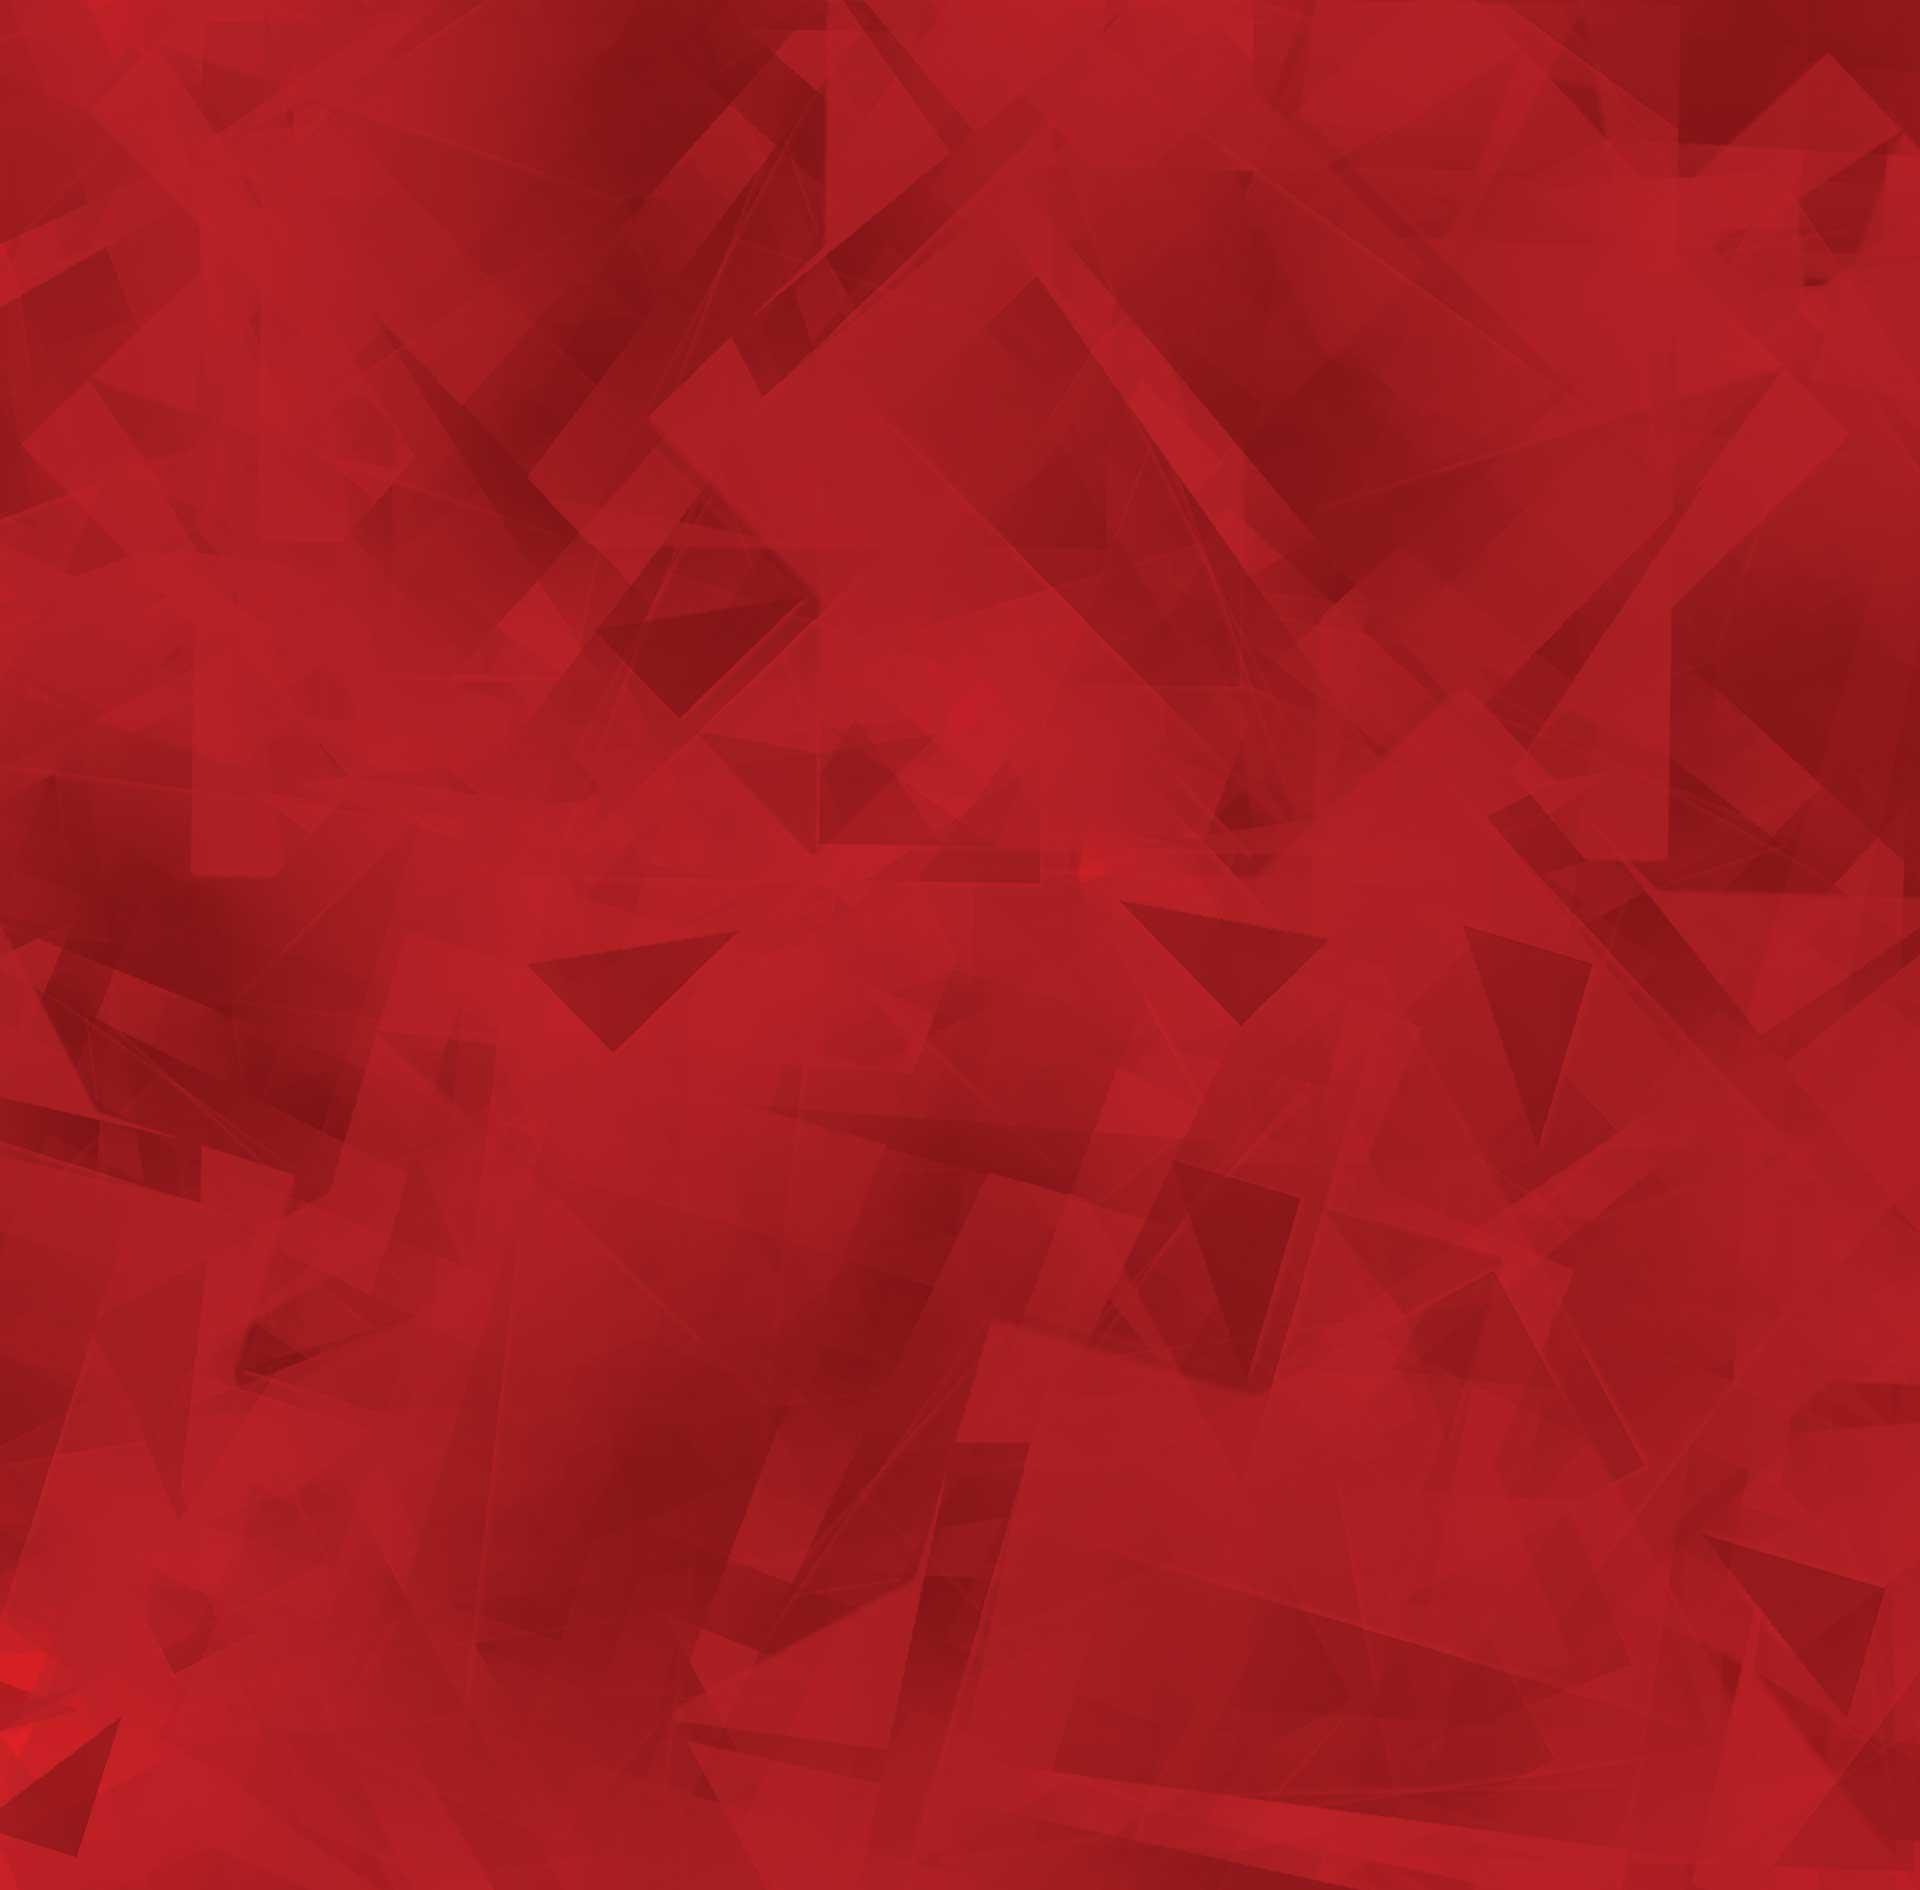 Cordavii Brands Website Background image Rouge